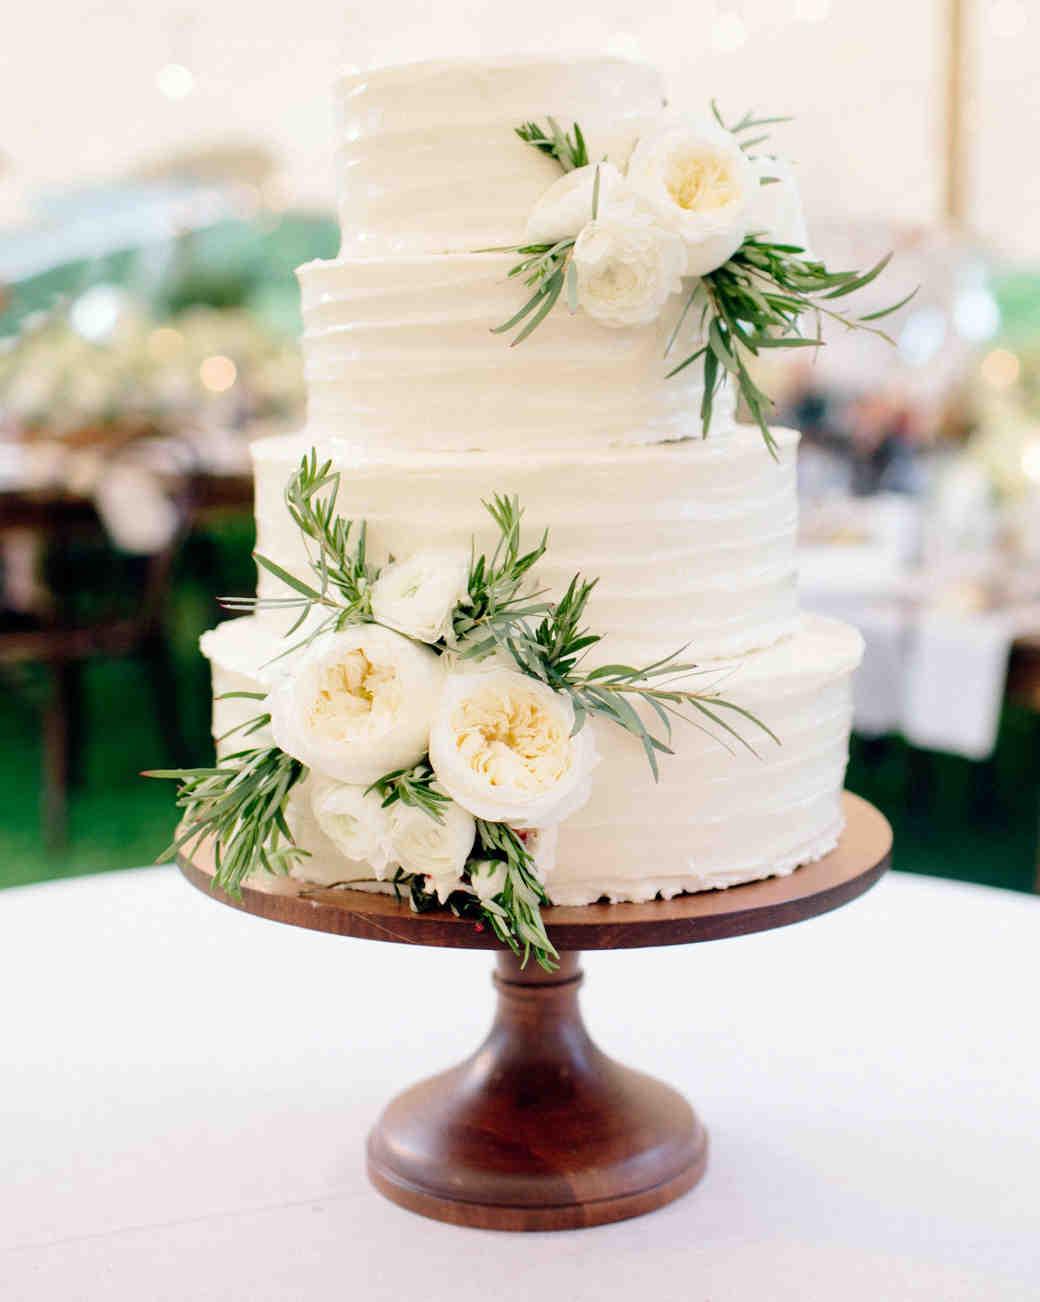 kristen-jonathan-wedding-cake-1448-s112193-1015.jpg